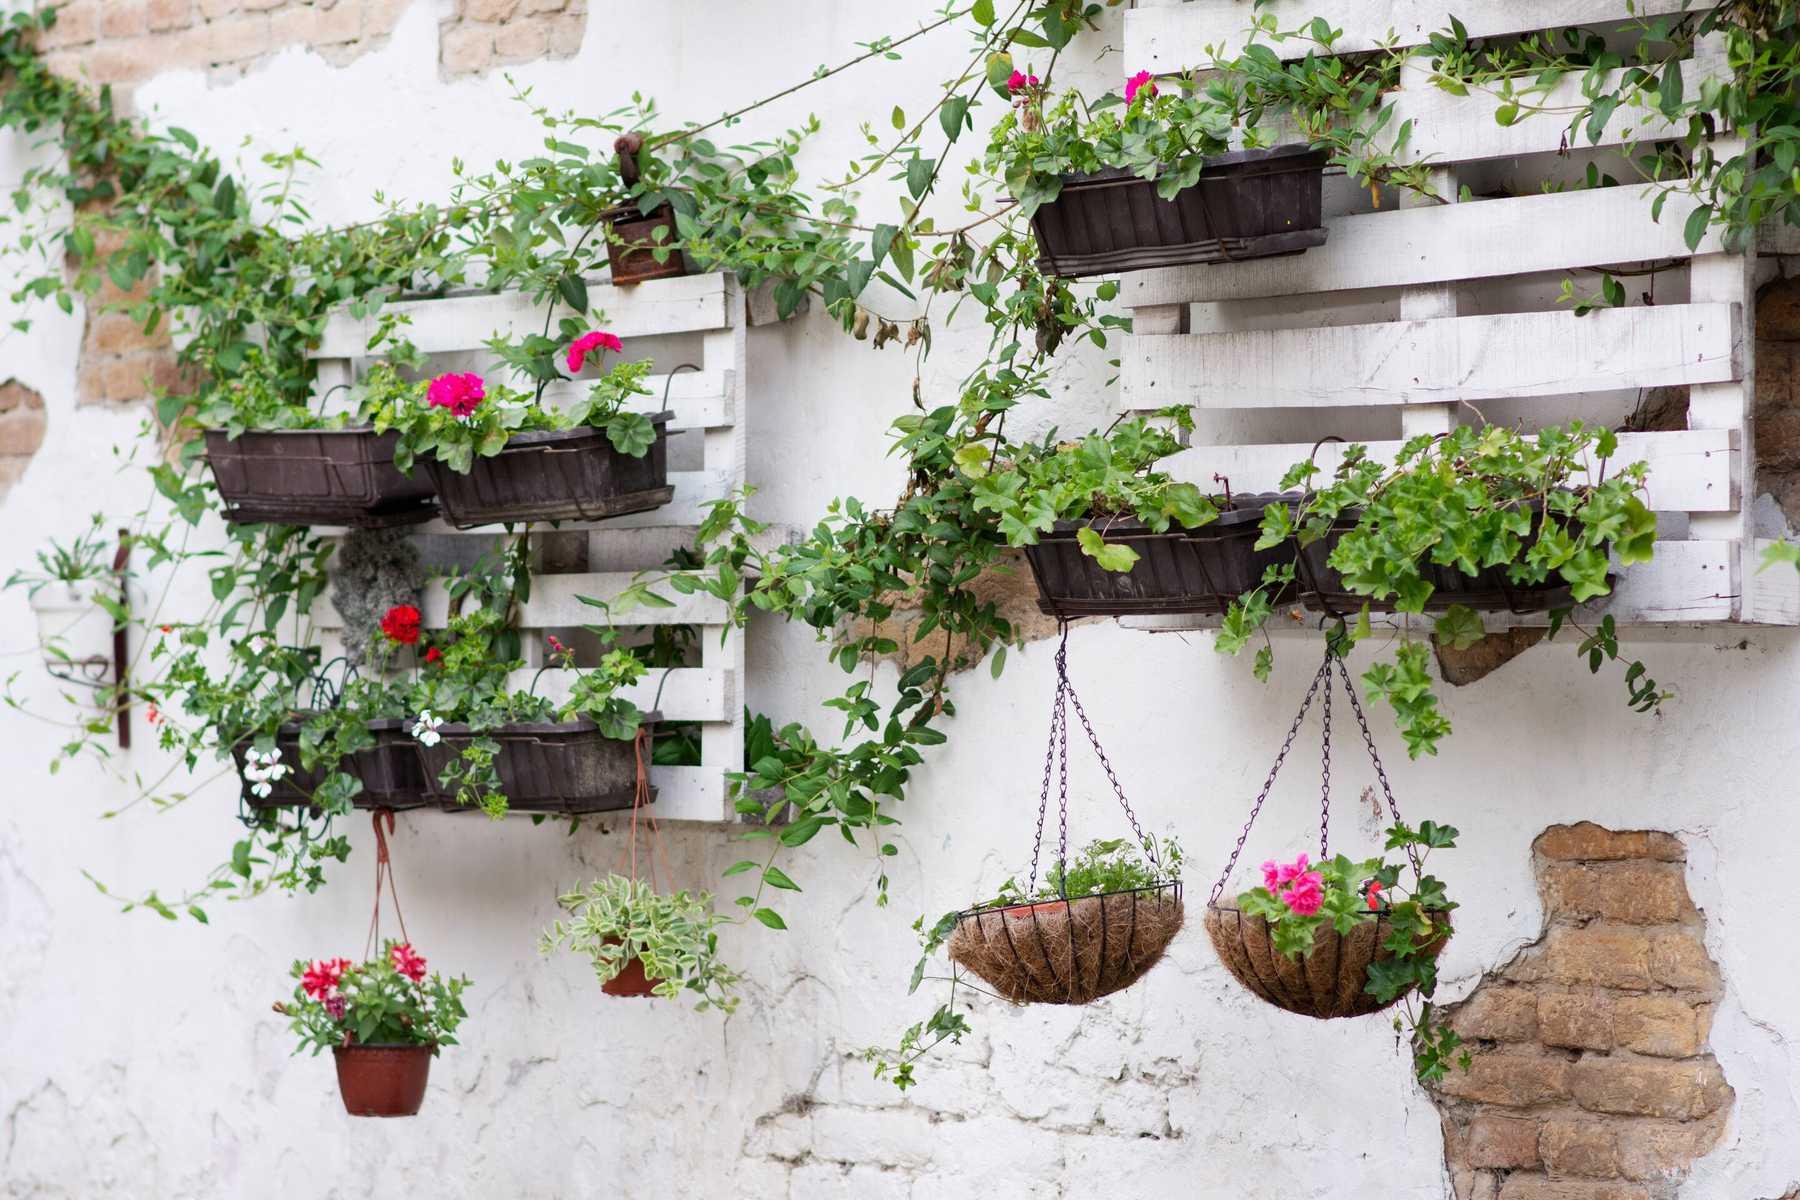 Déco Jardin Récup': Inspirez-Vous De Nos Astuces tout Astuce Deco Jardin Recup